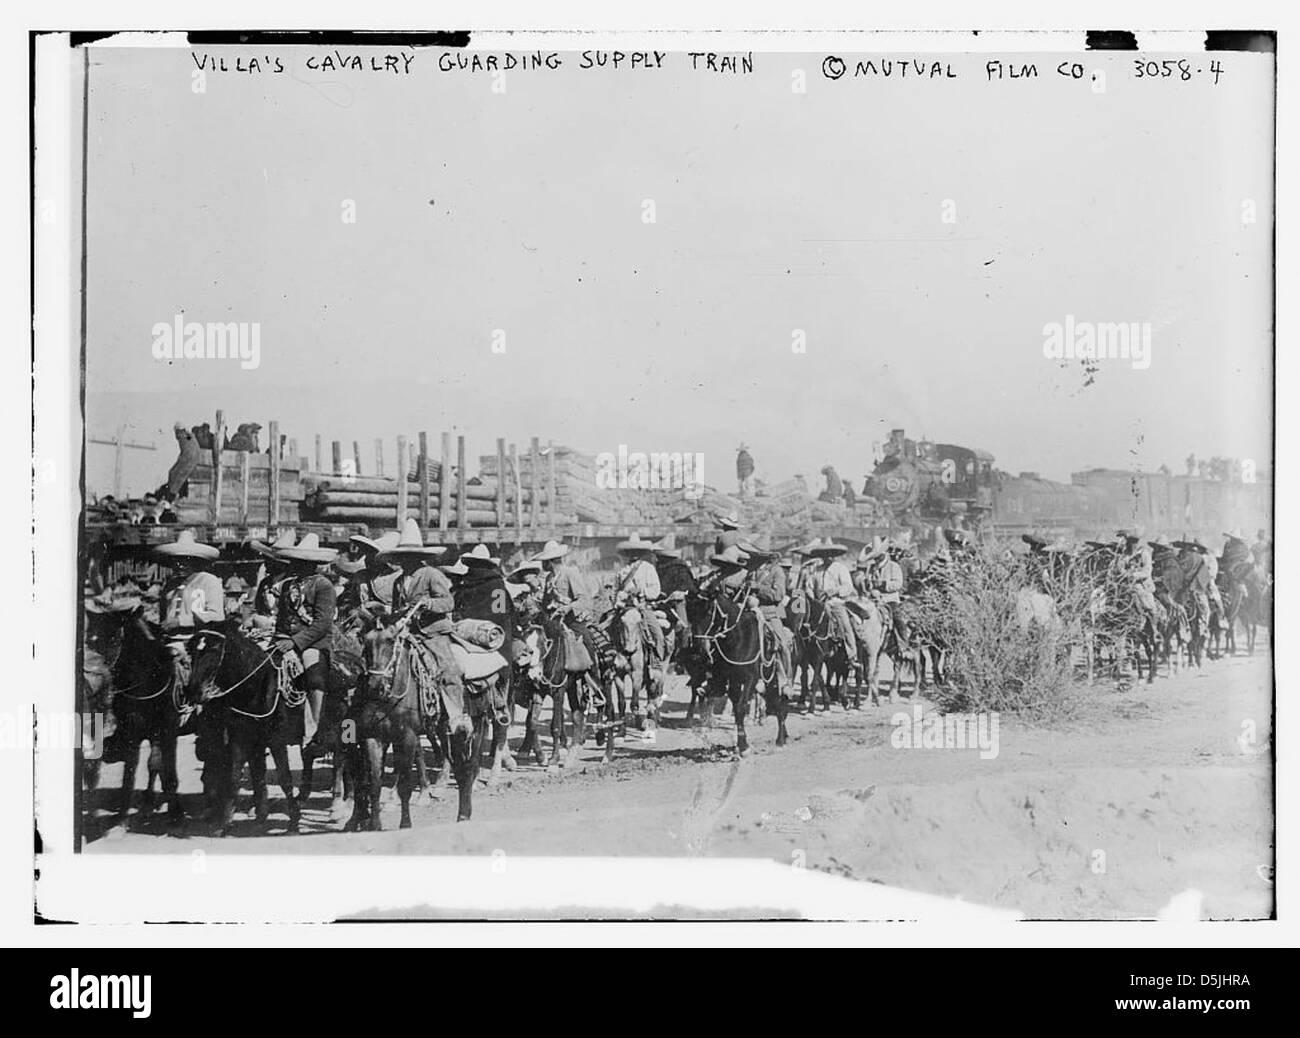 Villa's cavalry guarding supply train (LOC) - Stock Image